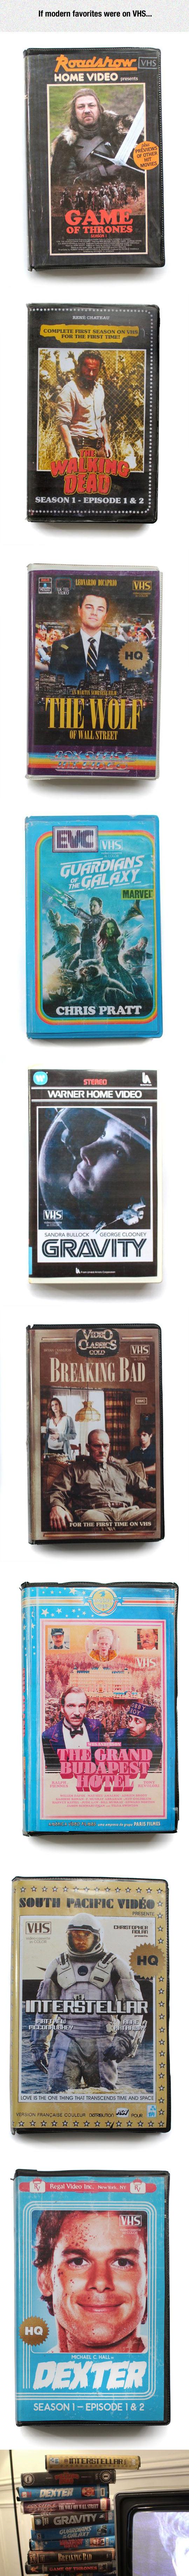 Modern Favorites On Epic VHS